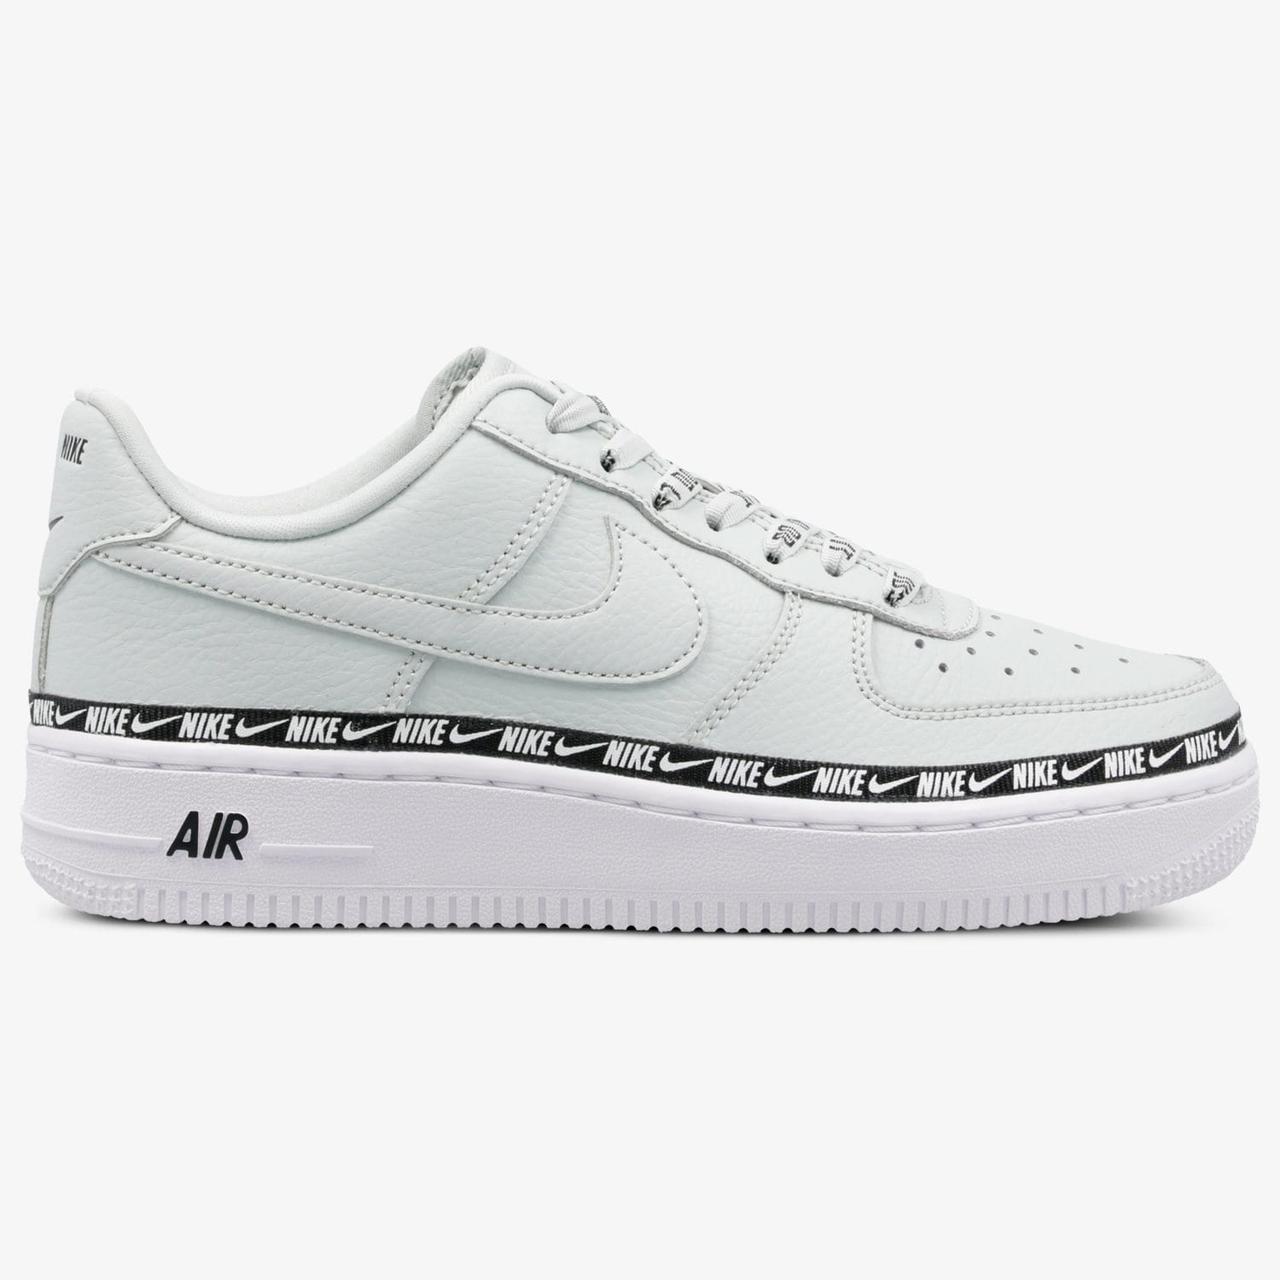 1d007bb2 Оригинальные женские кроссовки Nike Air Force 1 07 SE Premium, фото 1